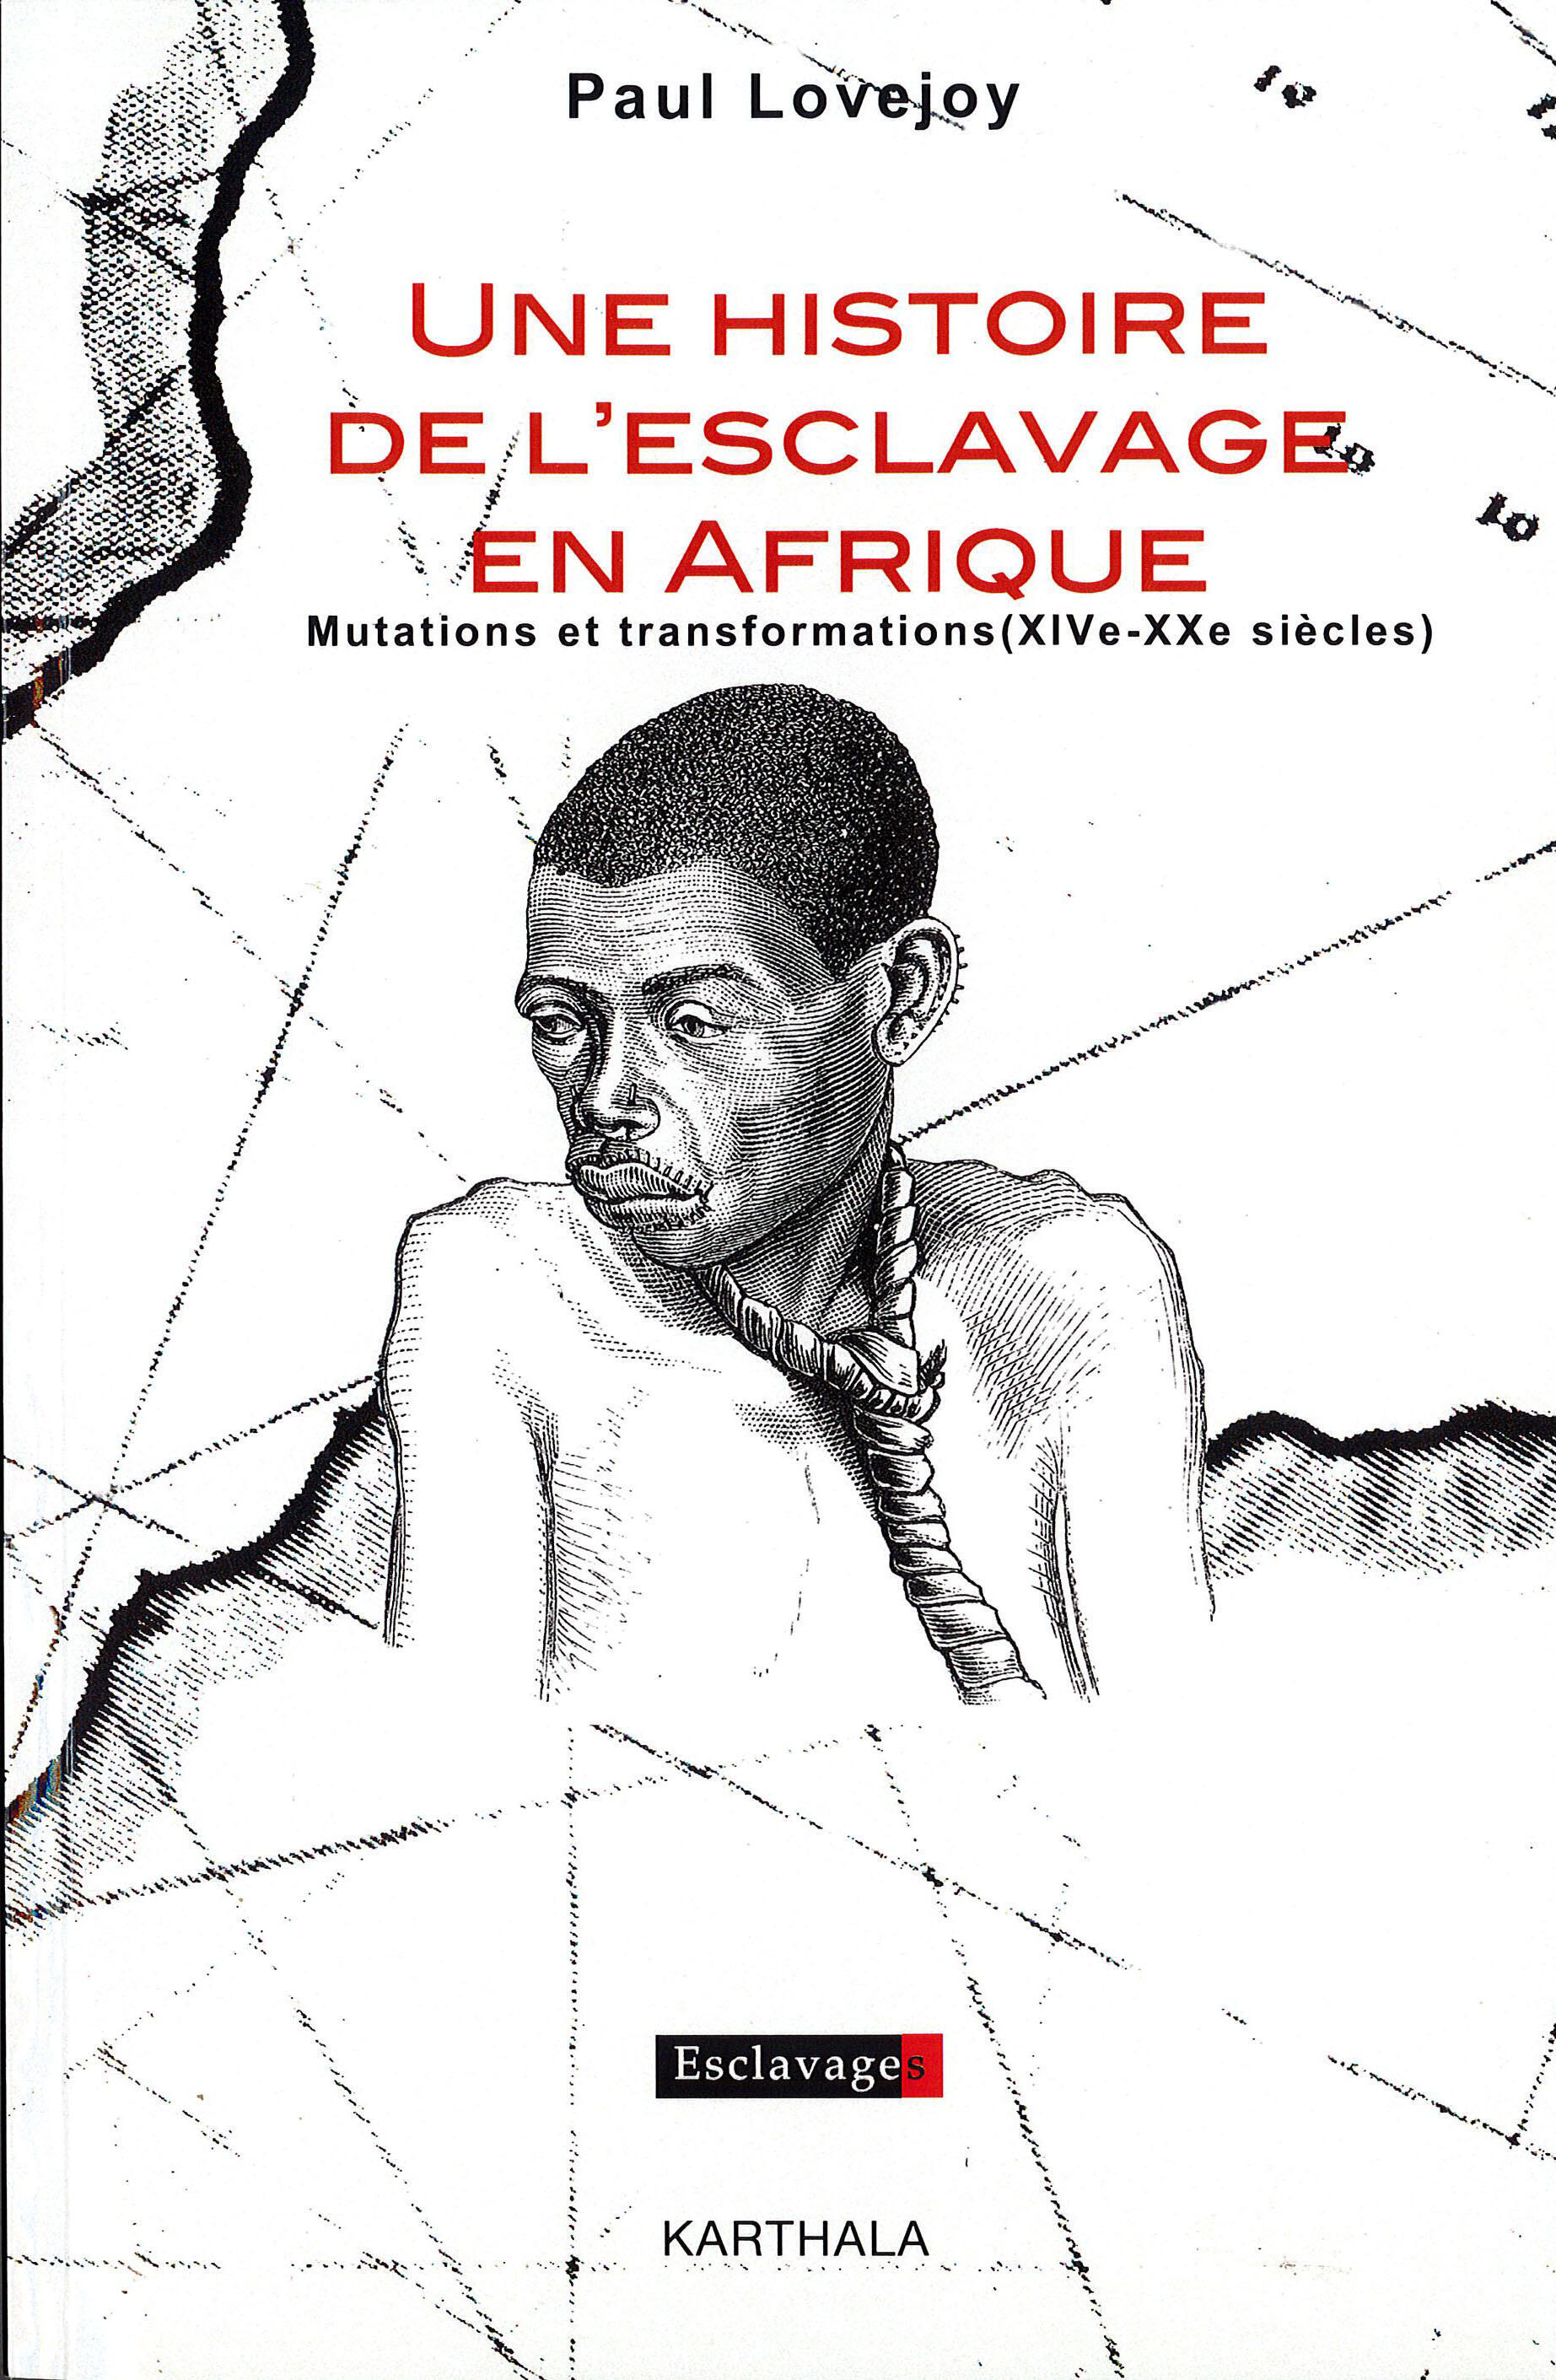 Une Histoire de l'esclavage en Afrique, de Paul Lovejoy.